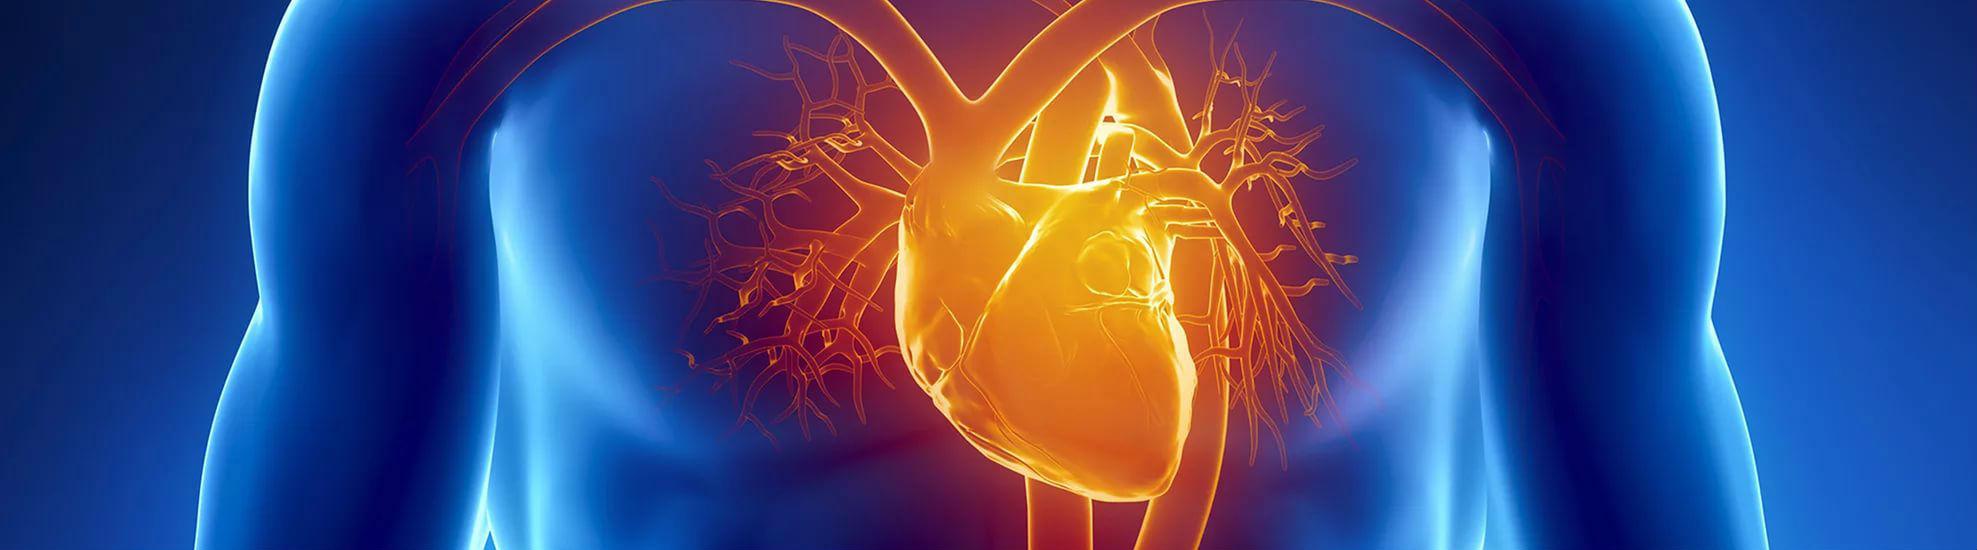 сердце, болезни и оздоровление